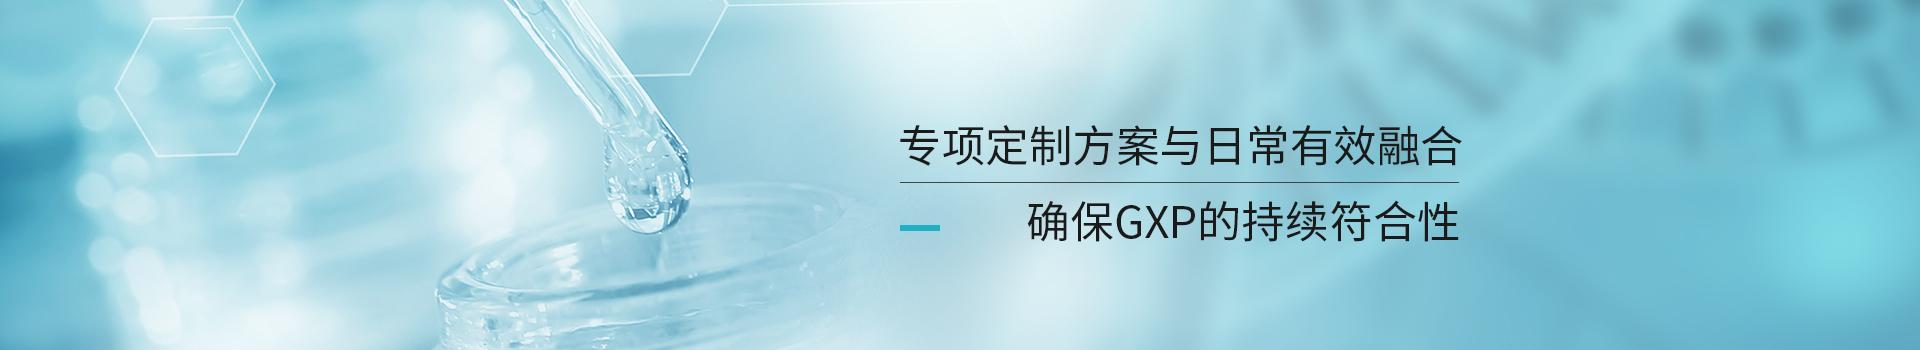 上海熙迈专项定制方案与日常有效融合